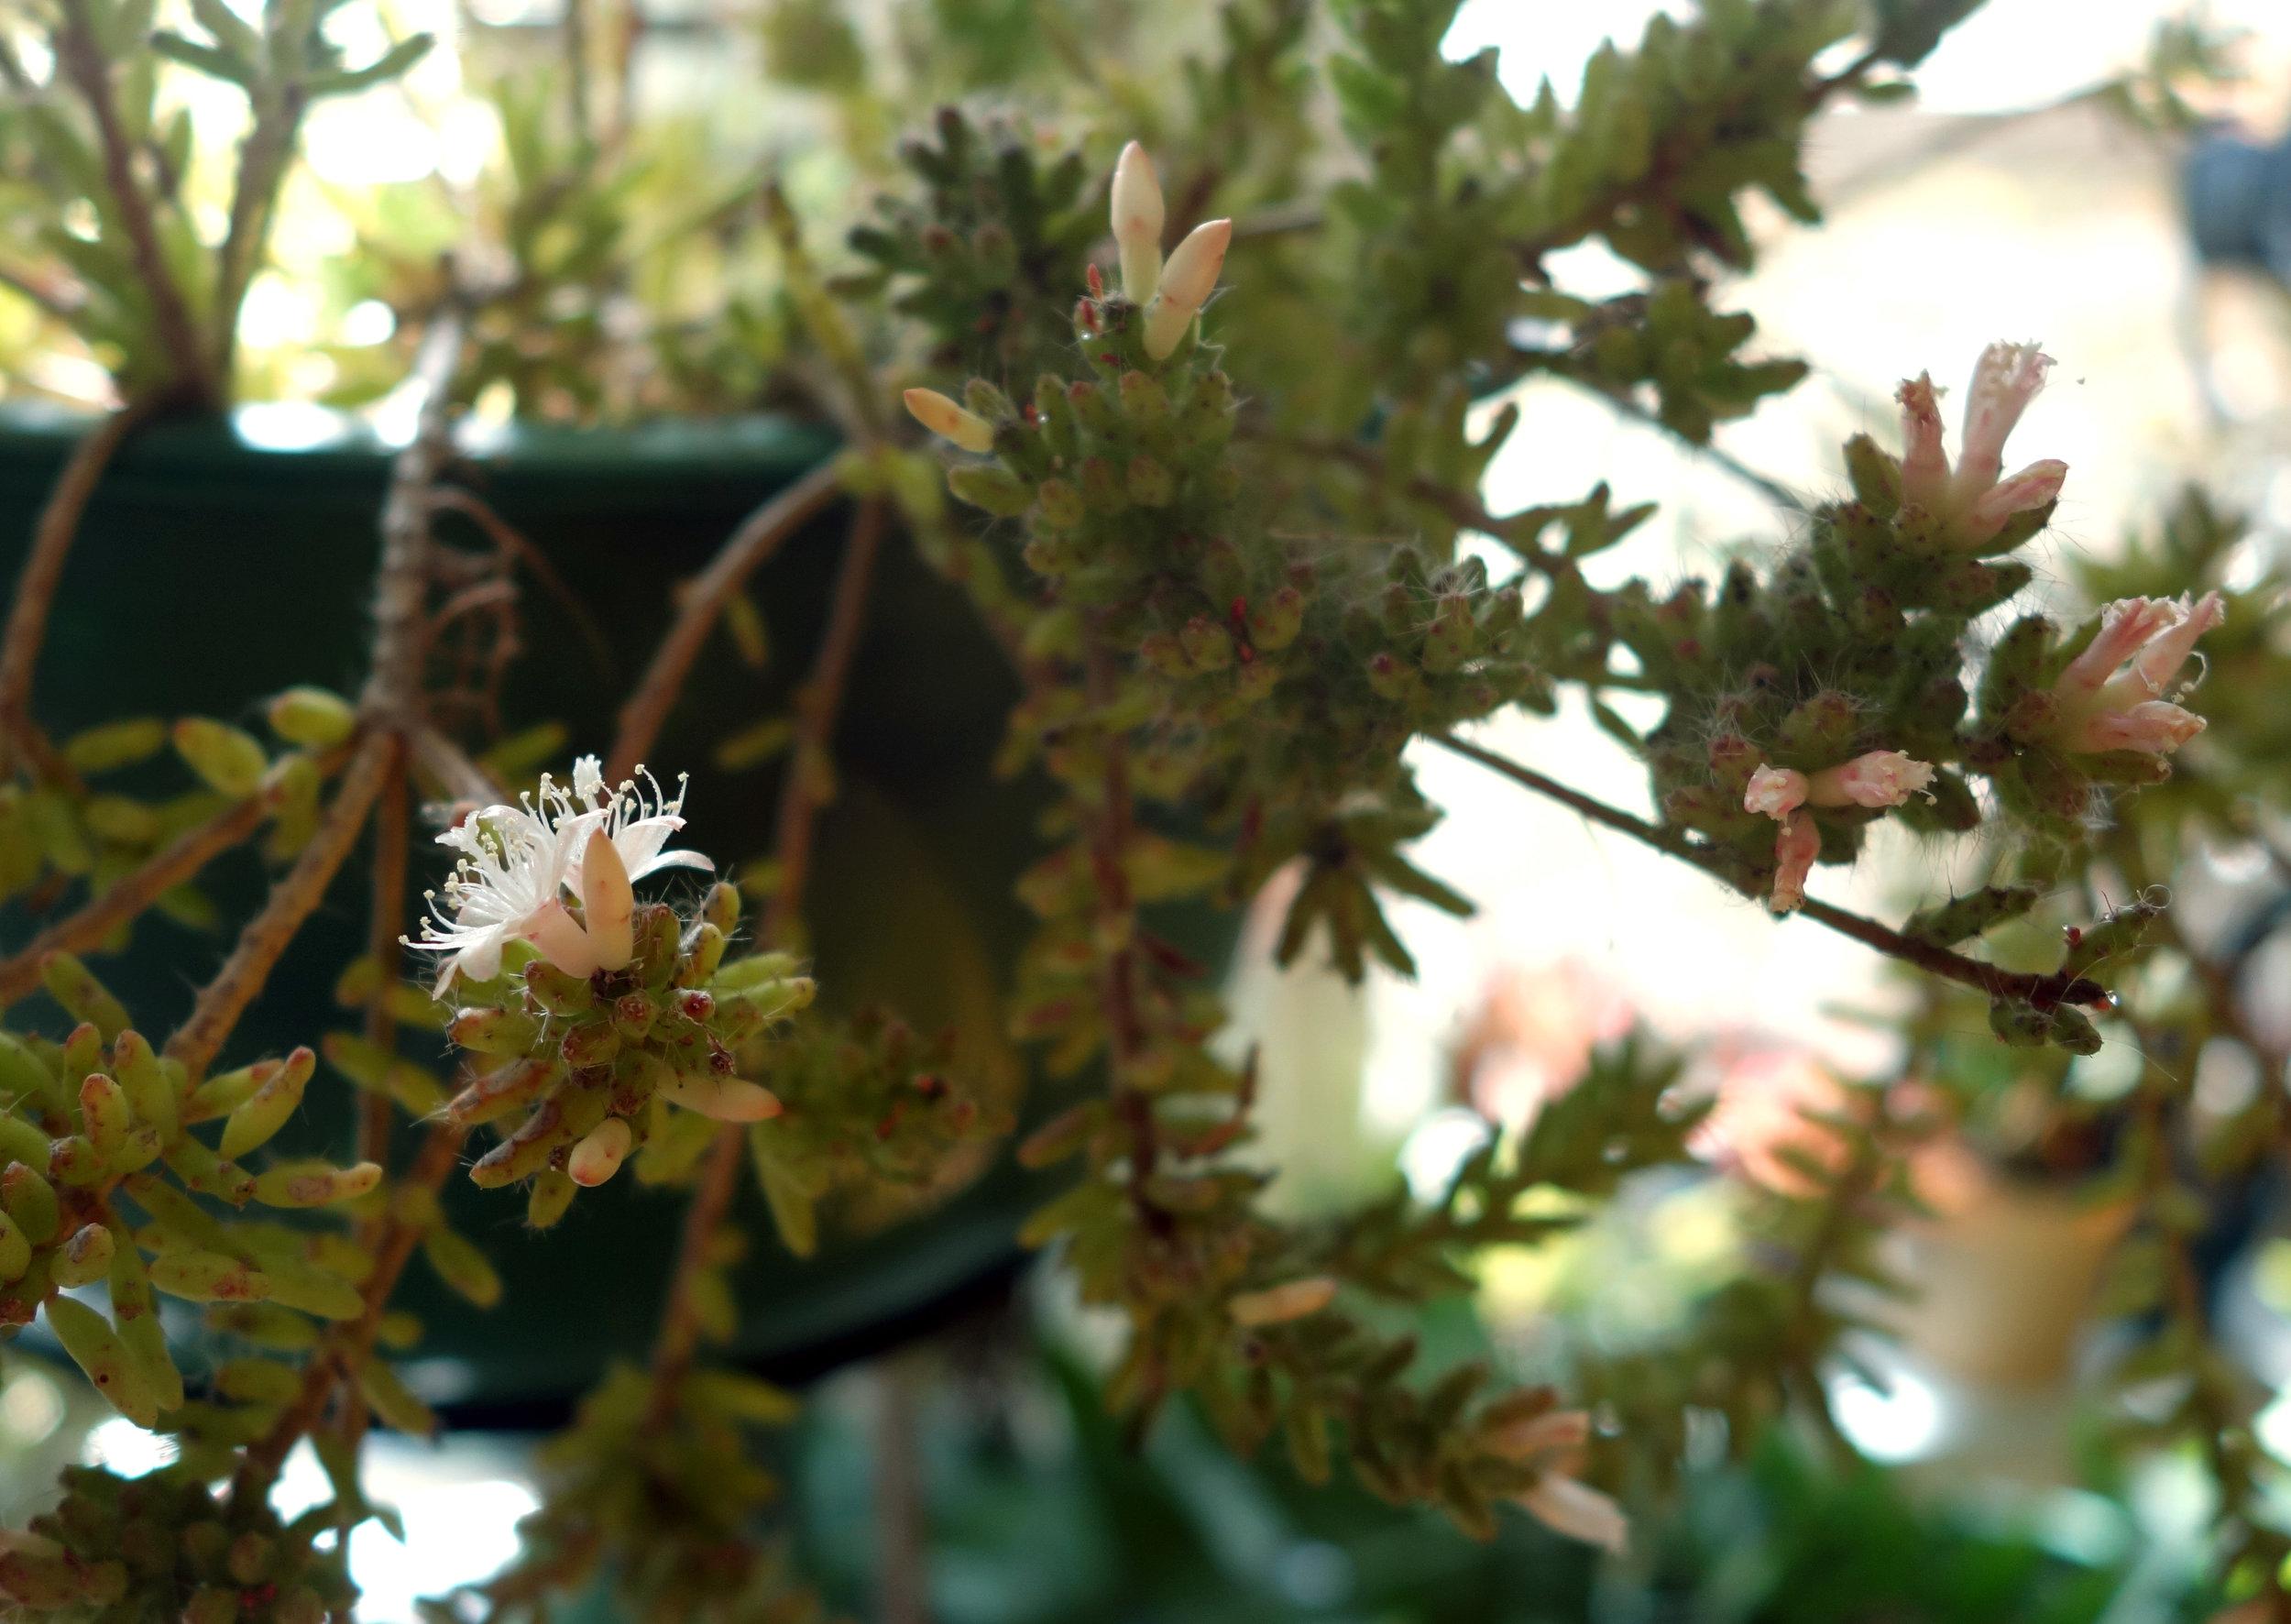 R mesembryanthemoides Dec 16 2.jpg